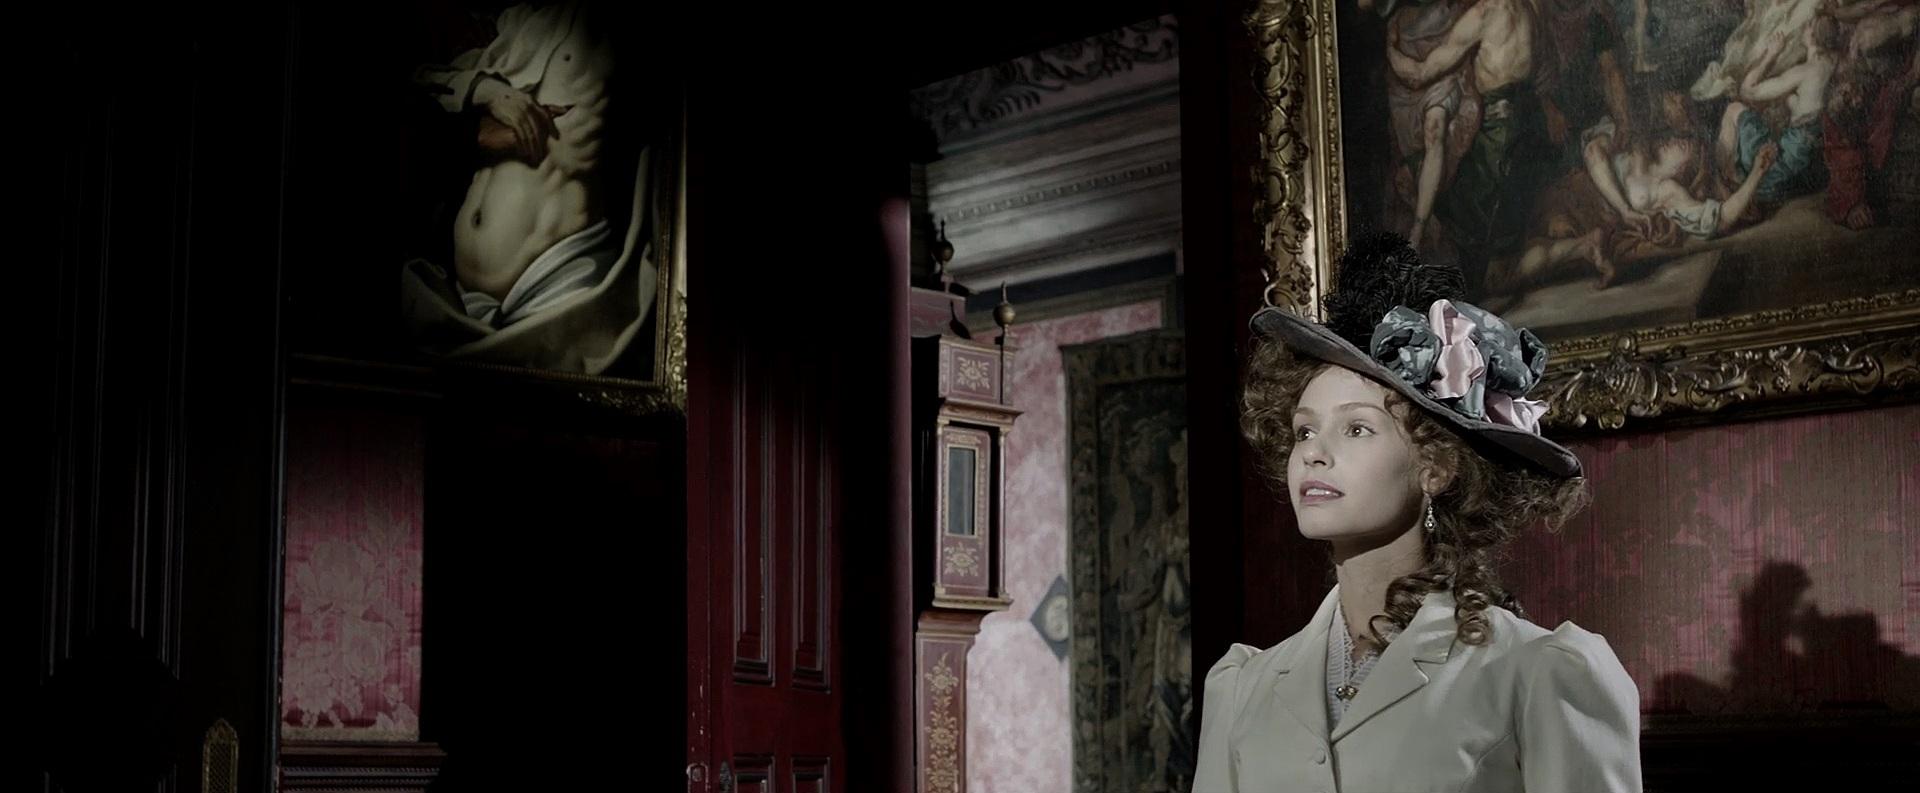 Maria Flor in Os Maias: Cenas da Vida Romântica (2014)